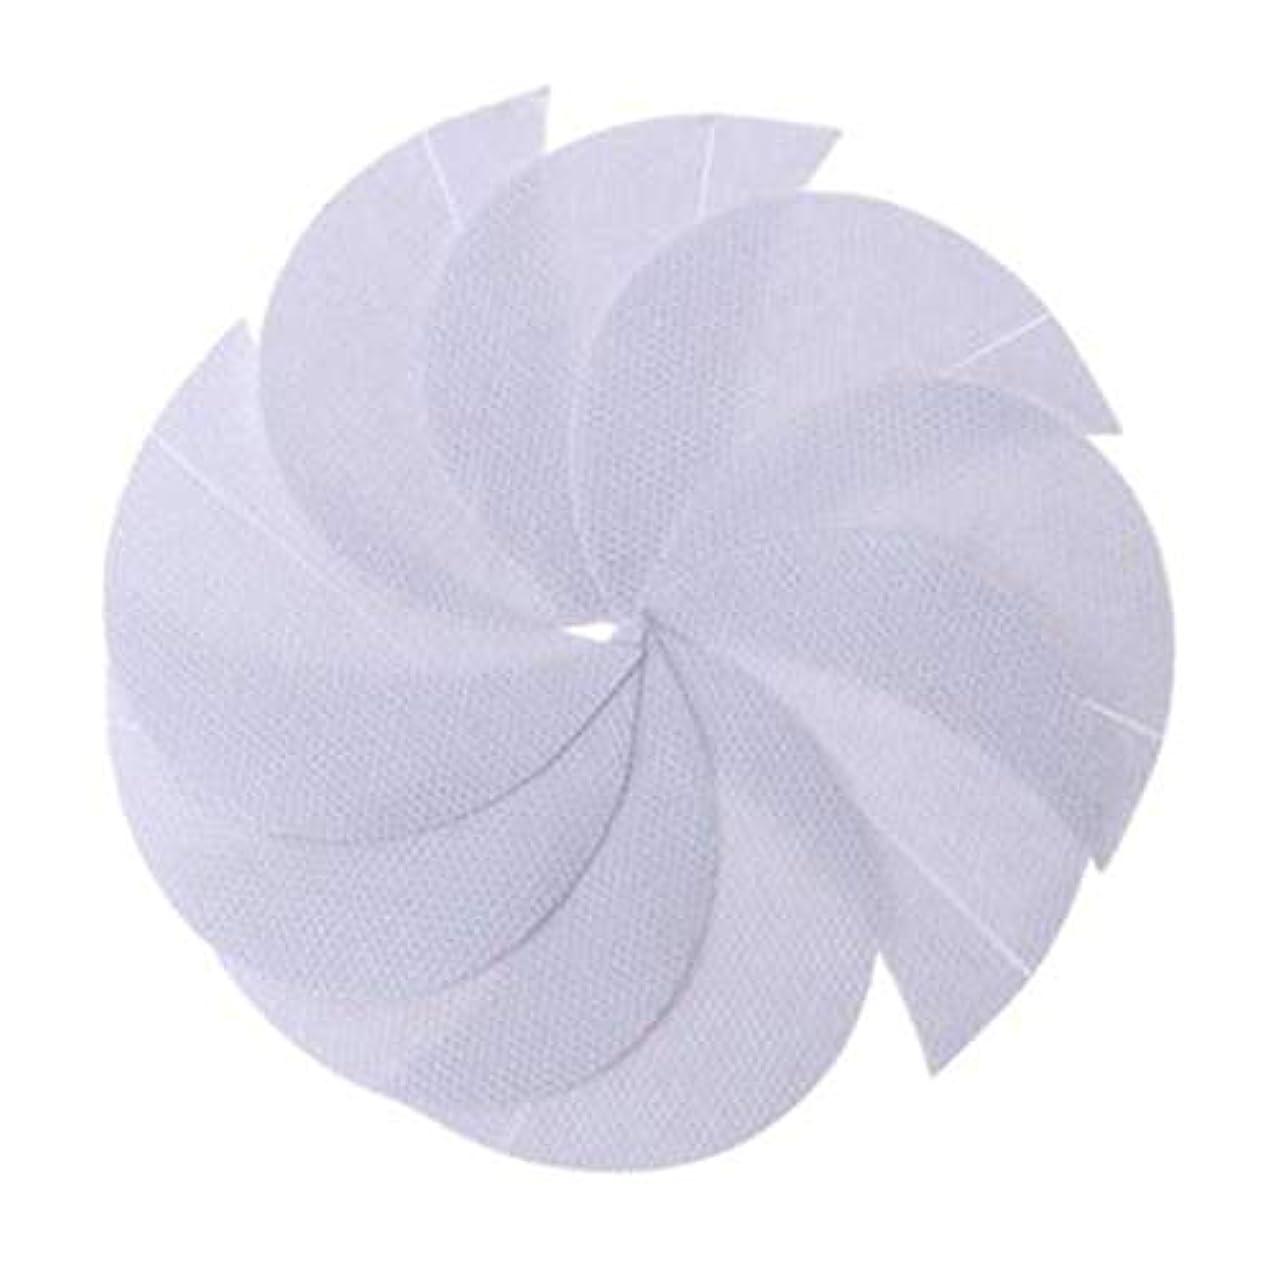 女優要求する原稿Rabugogo 100個/袋不織布アイシャドーシールドアイシャドージェルパッドパッチアイシャドーステンシル防止まつげエクステ化粧品残留物